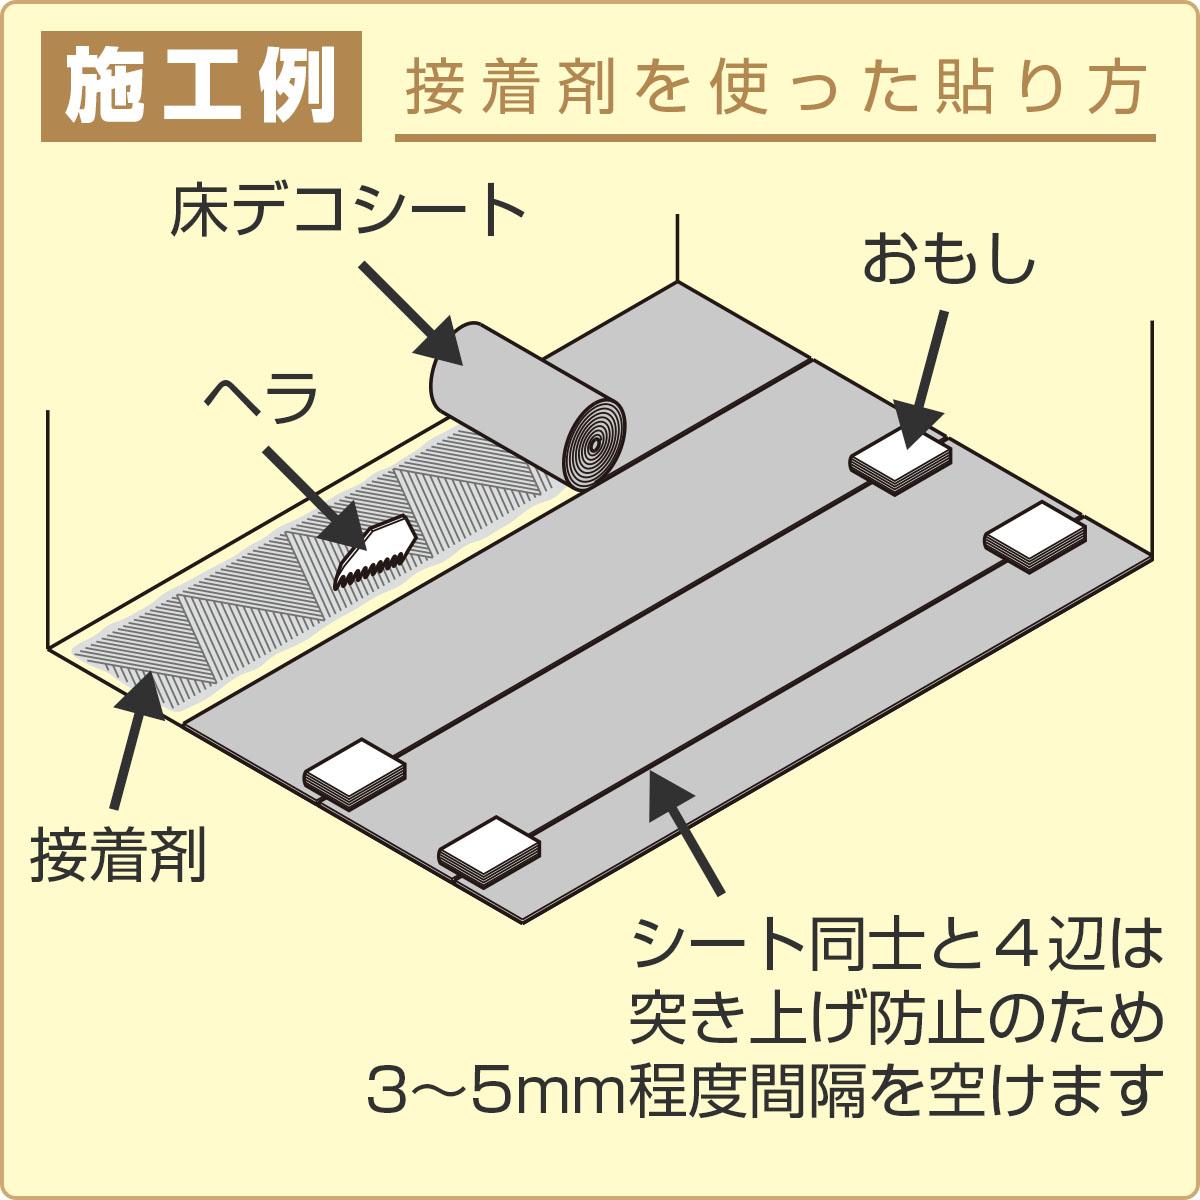 施工例 接着剤を使った貼り方